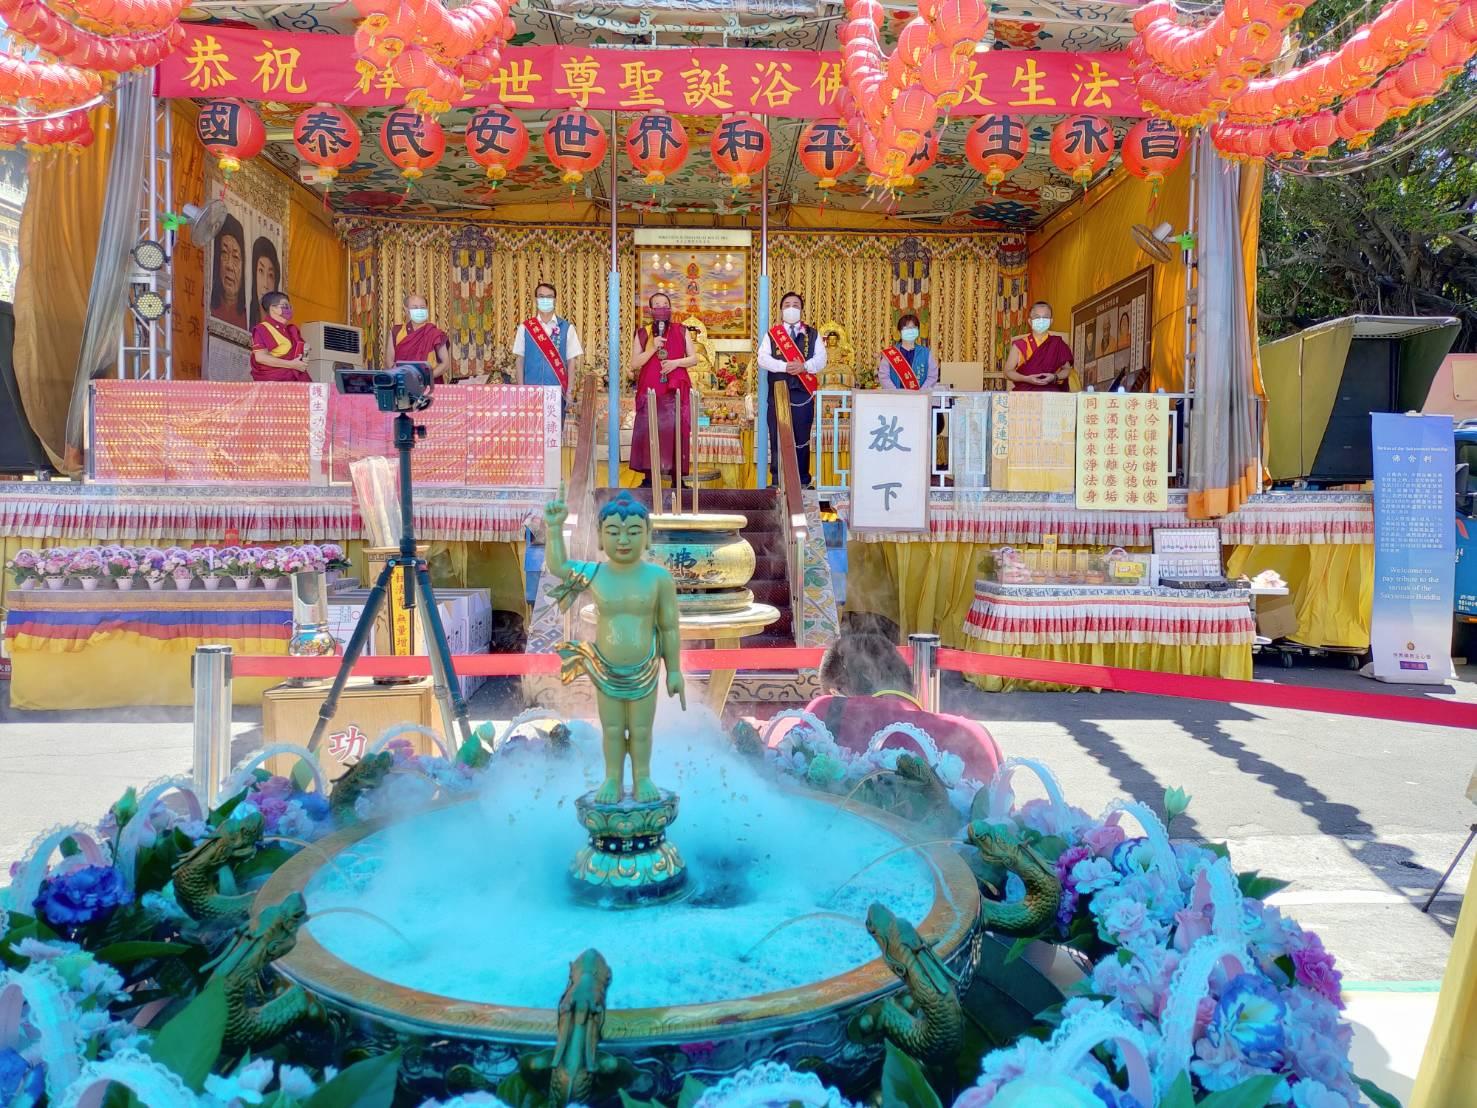 行動佛殿136站高雄仁武,本會指導上師恆性嘉措仁波且(中)感謝貴賓蒞臨祈福